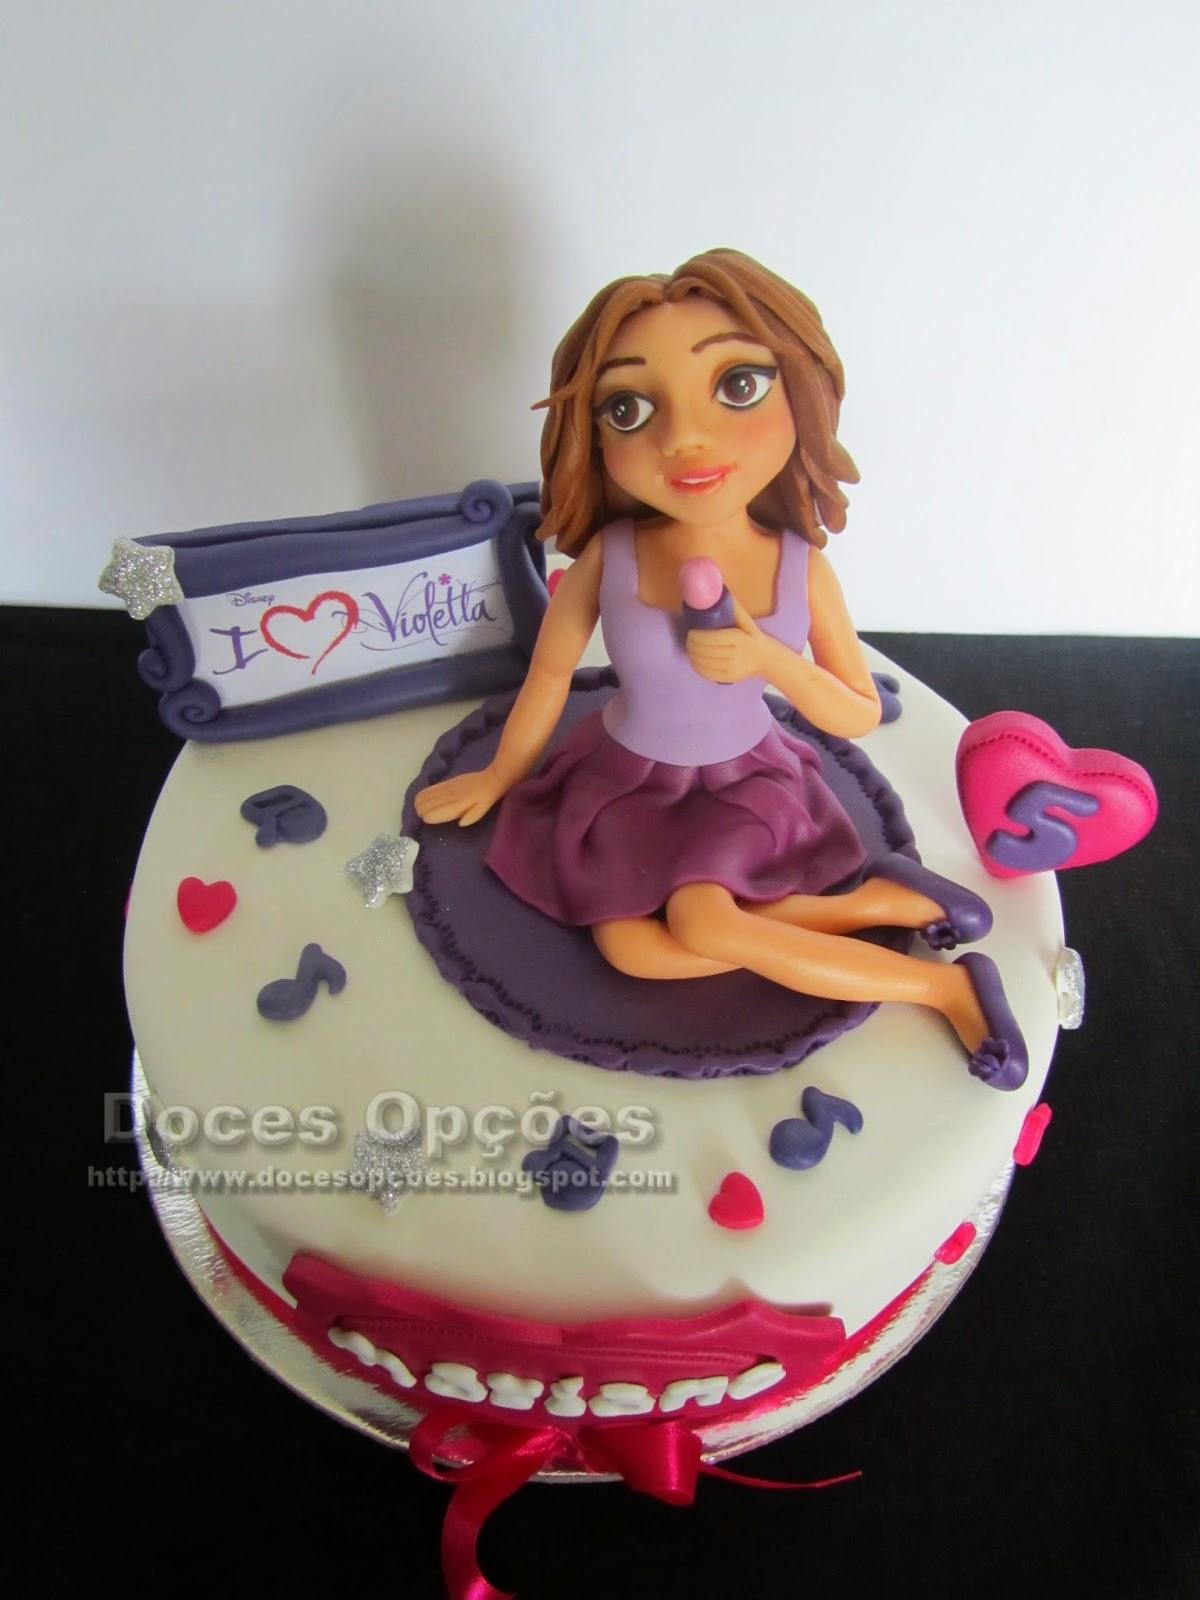 Bolo aniversário com a Violetta